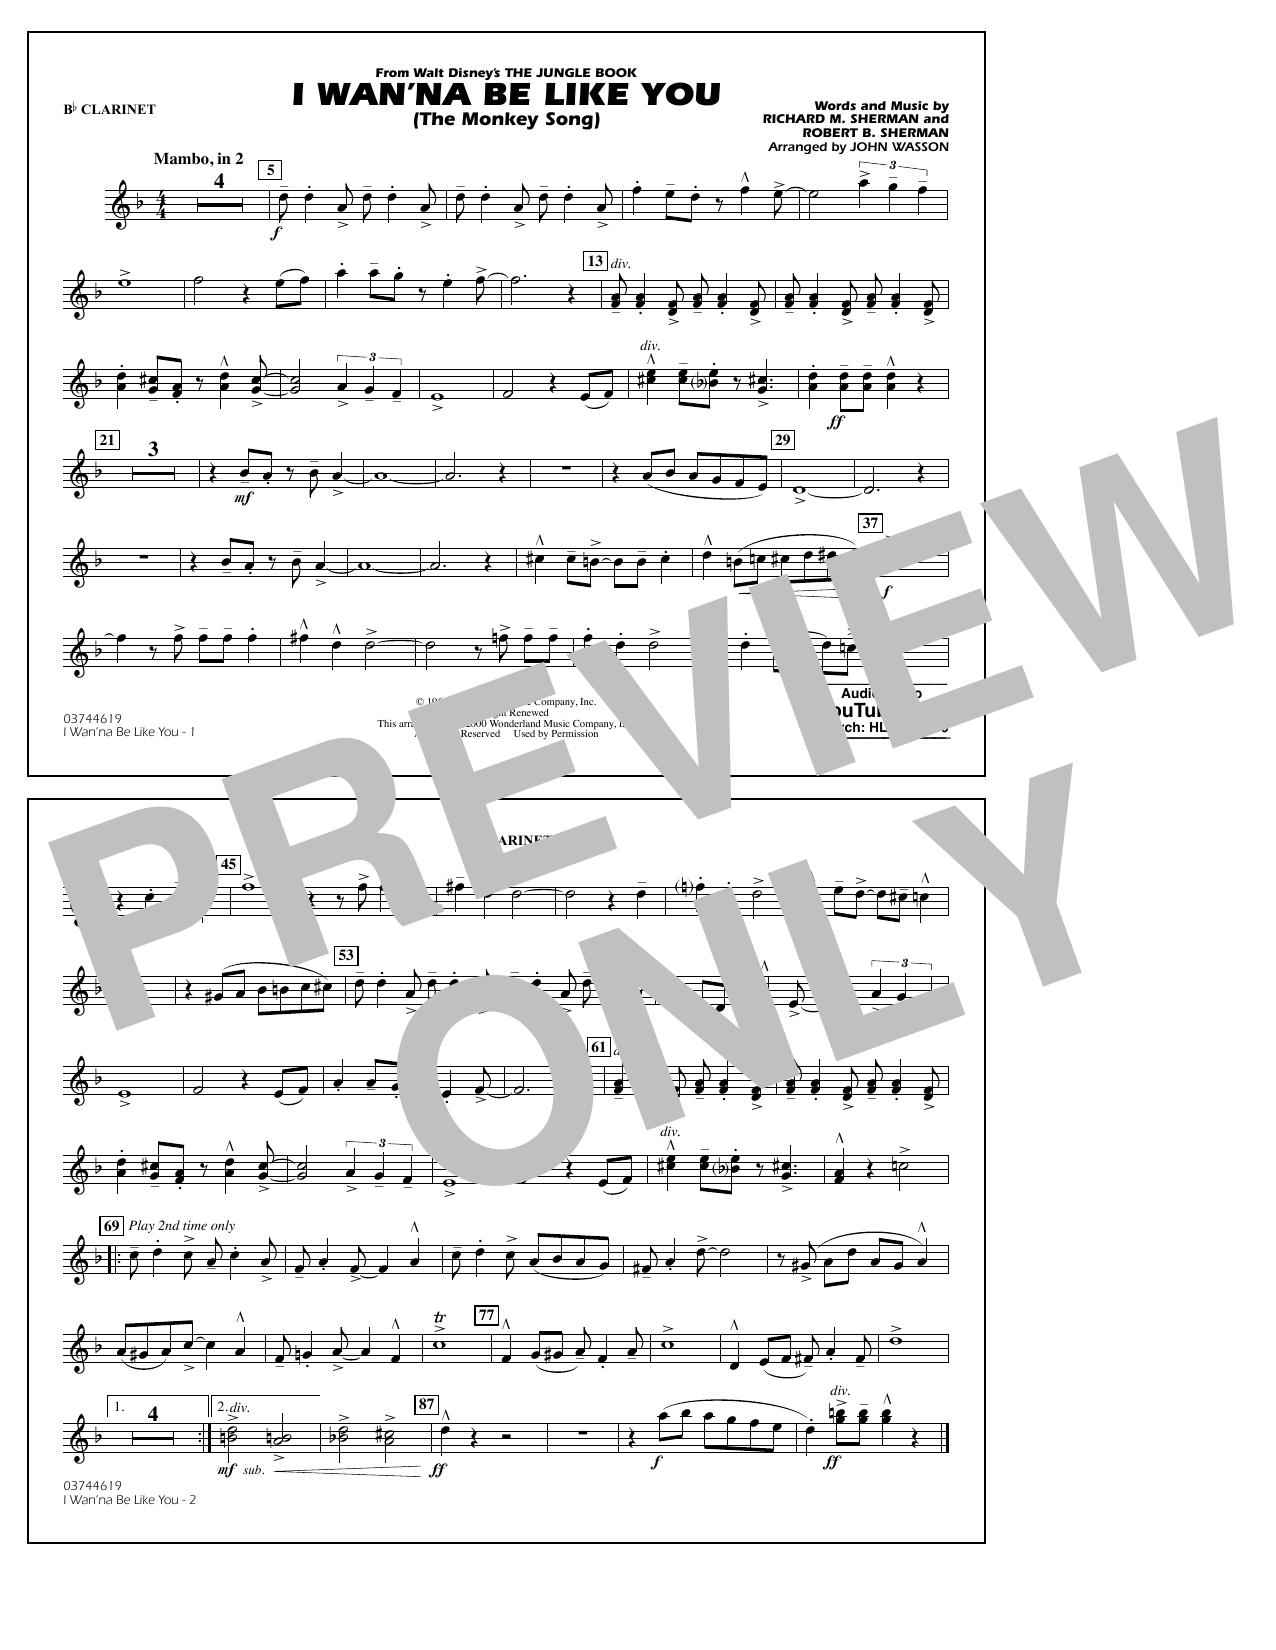 Robert B. Sherman - I Wan'na Be Like You - Bb Clarinet